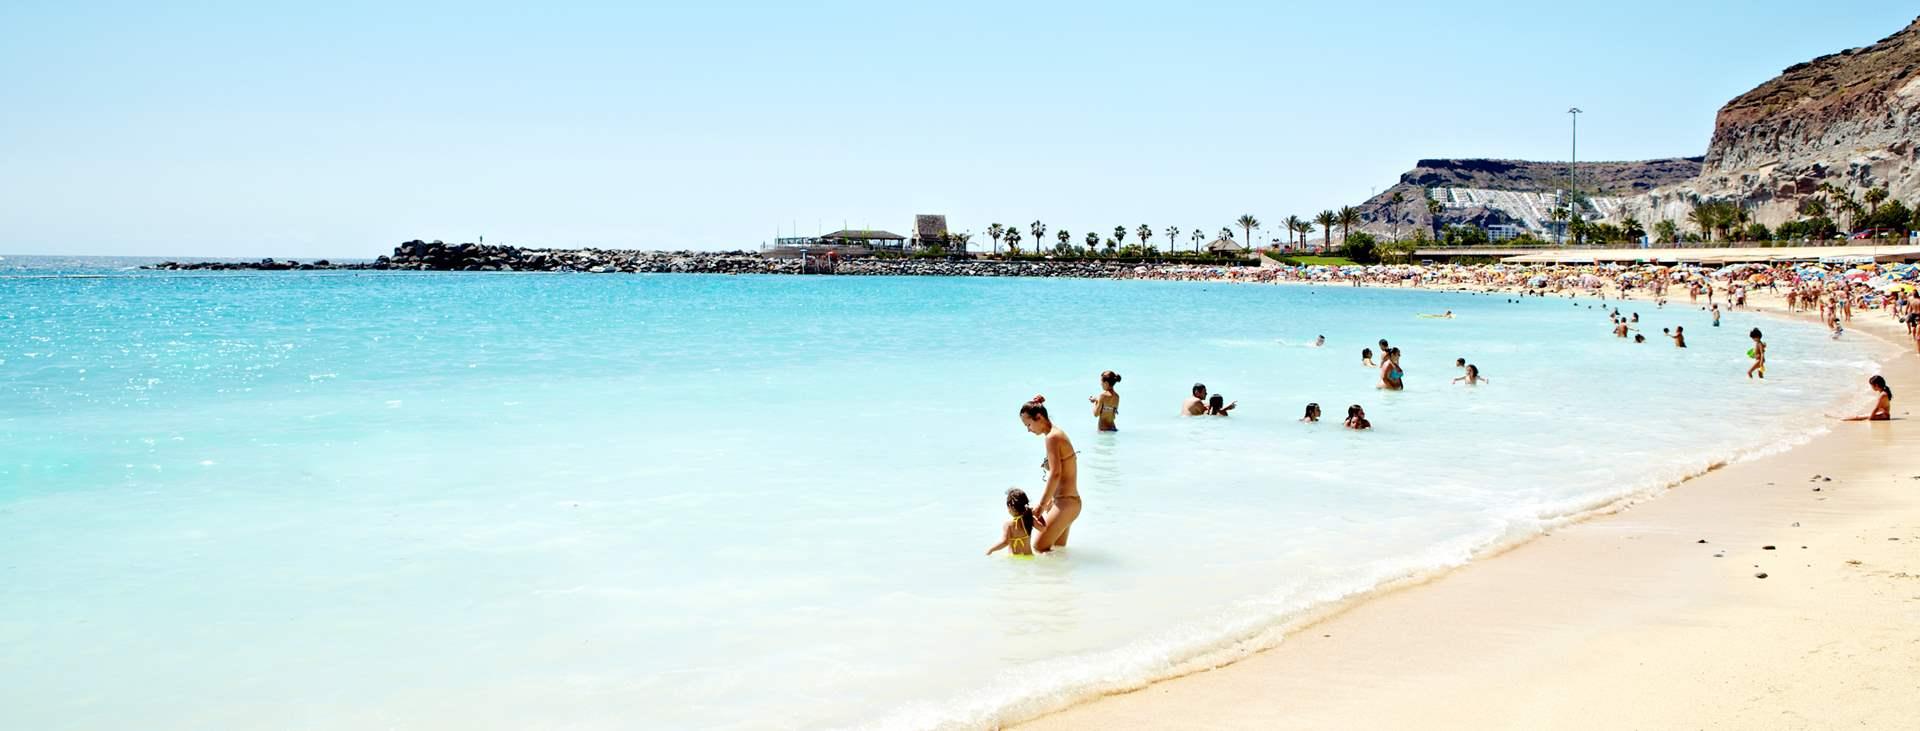 Boka en resa med All Inclusive till Playa de Amadores på Gran Canaria